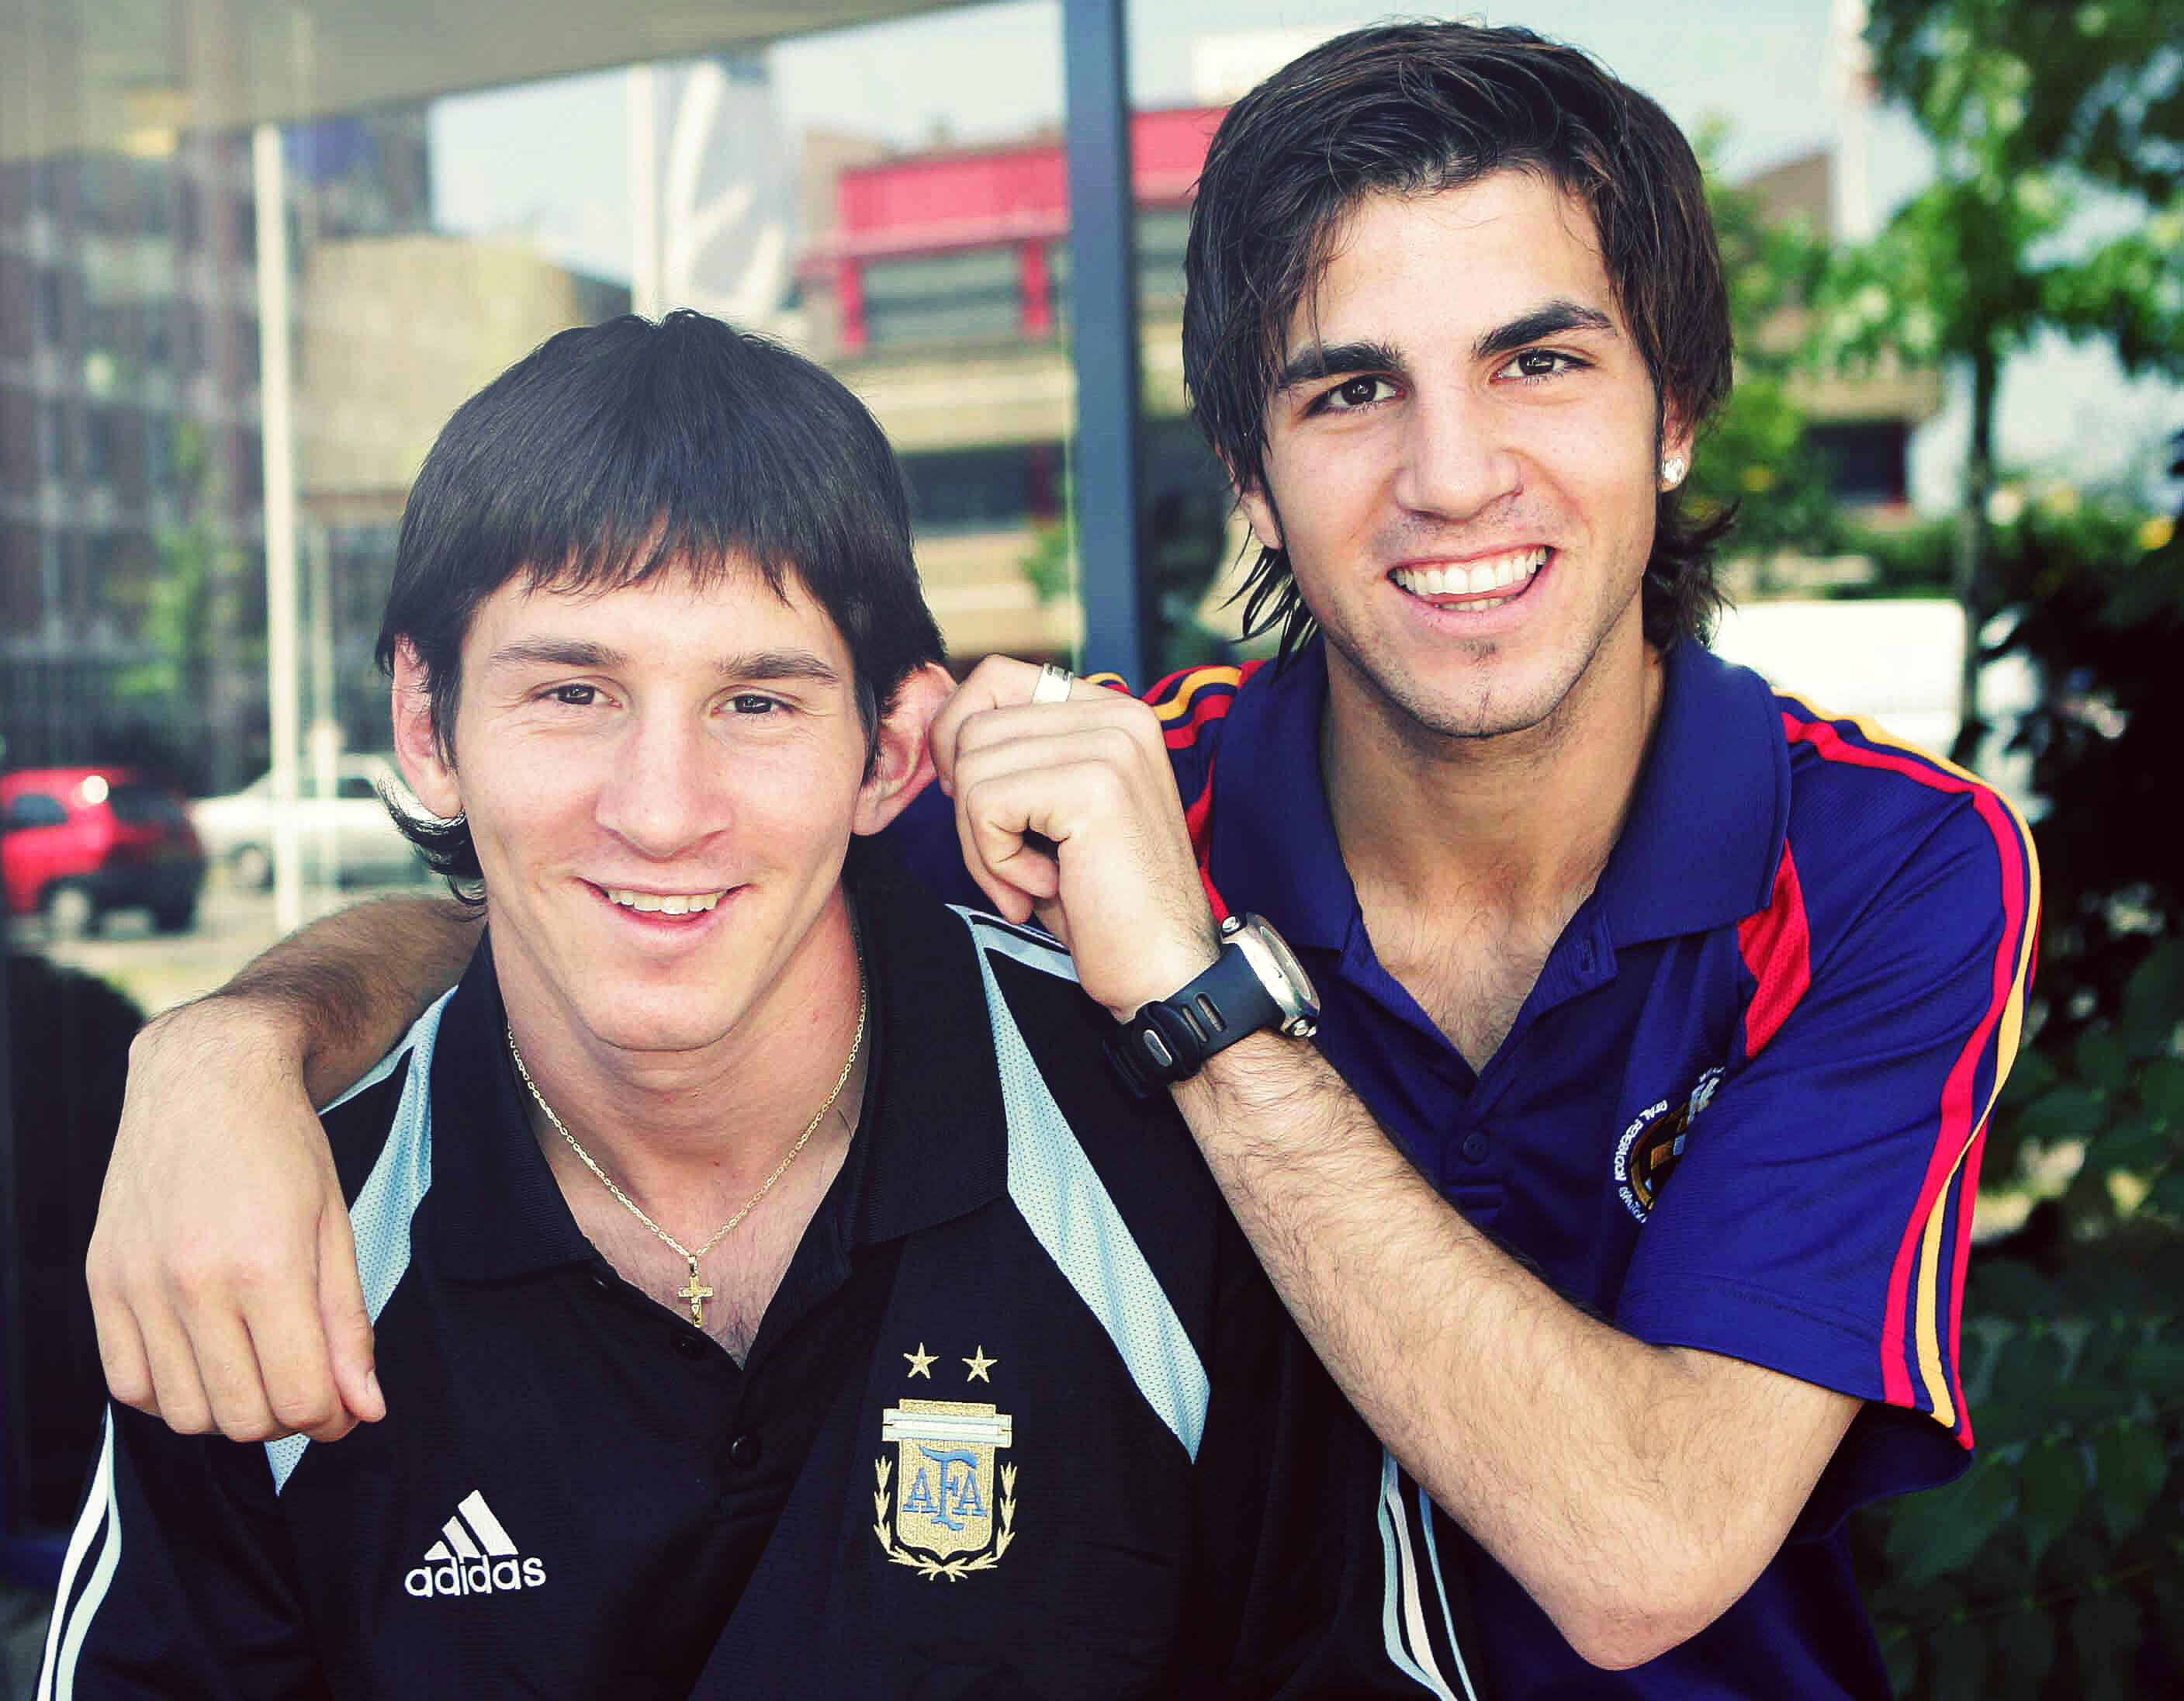 Lionel Messi dan Cesc Fabregas saat masih remaja